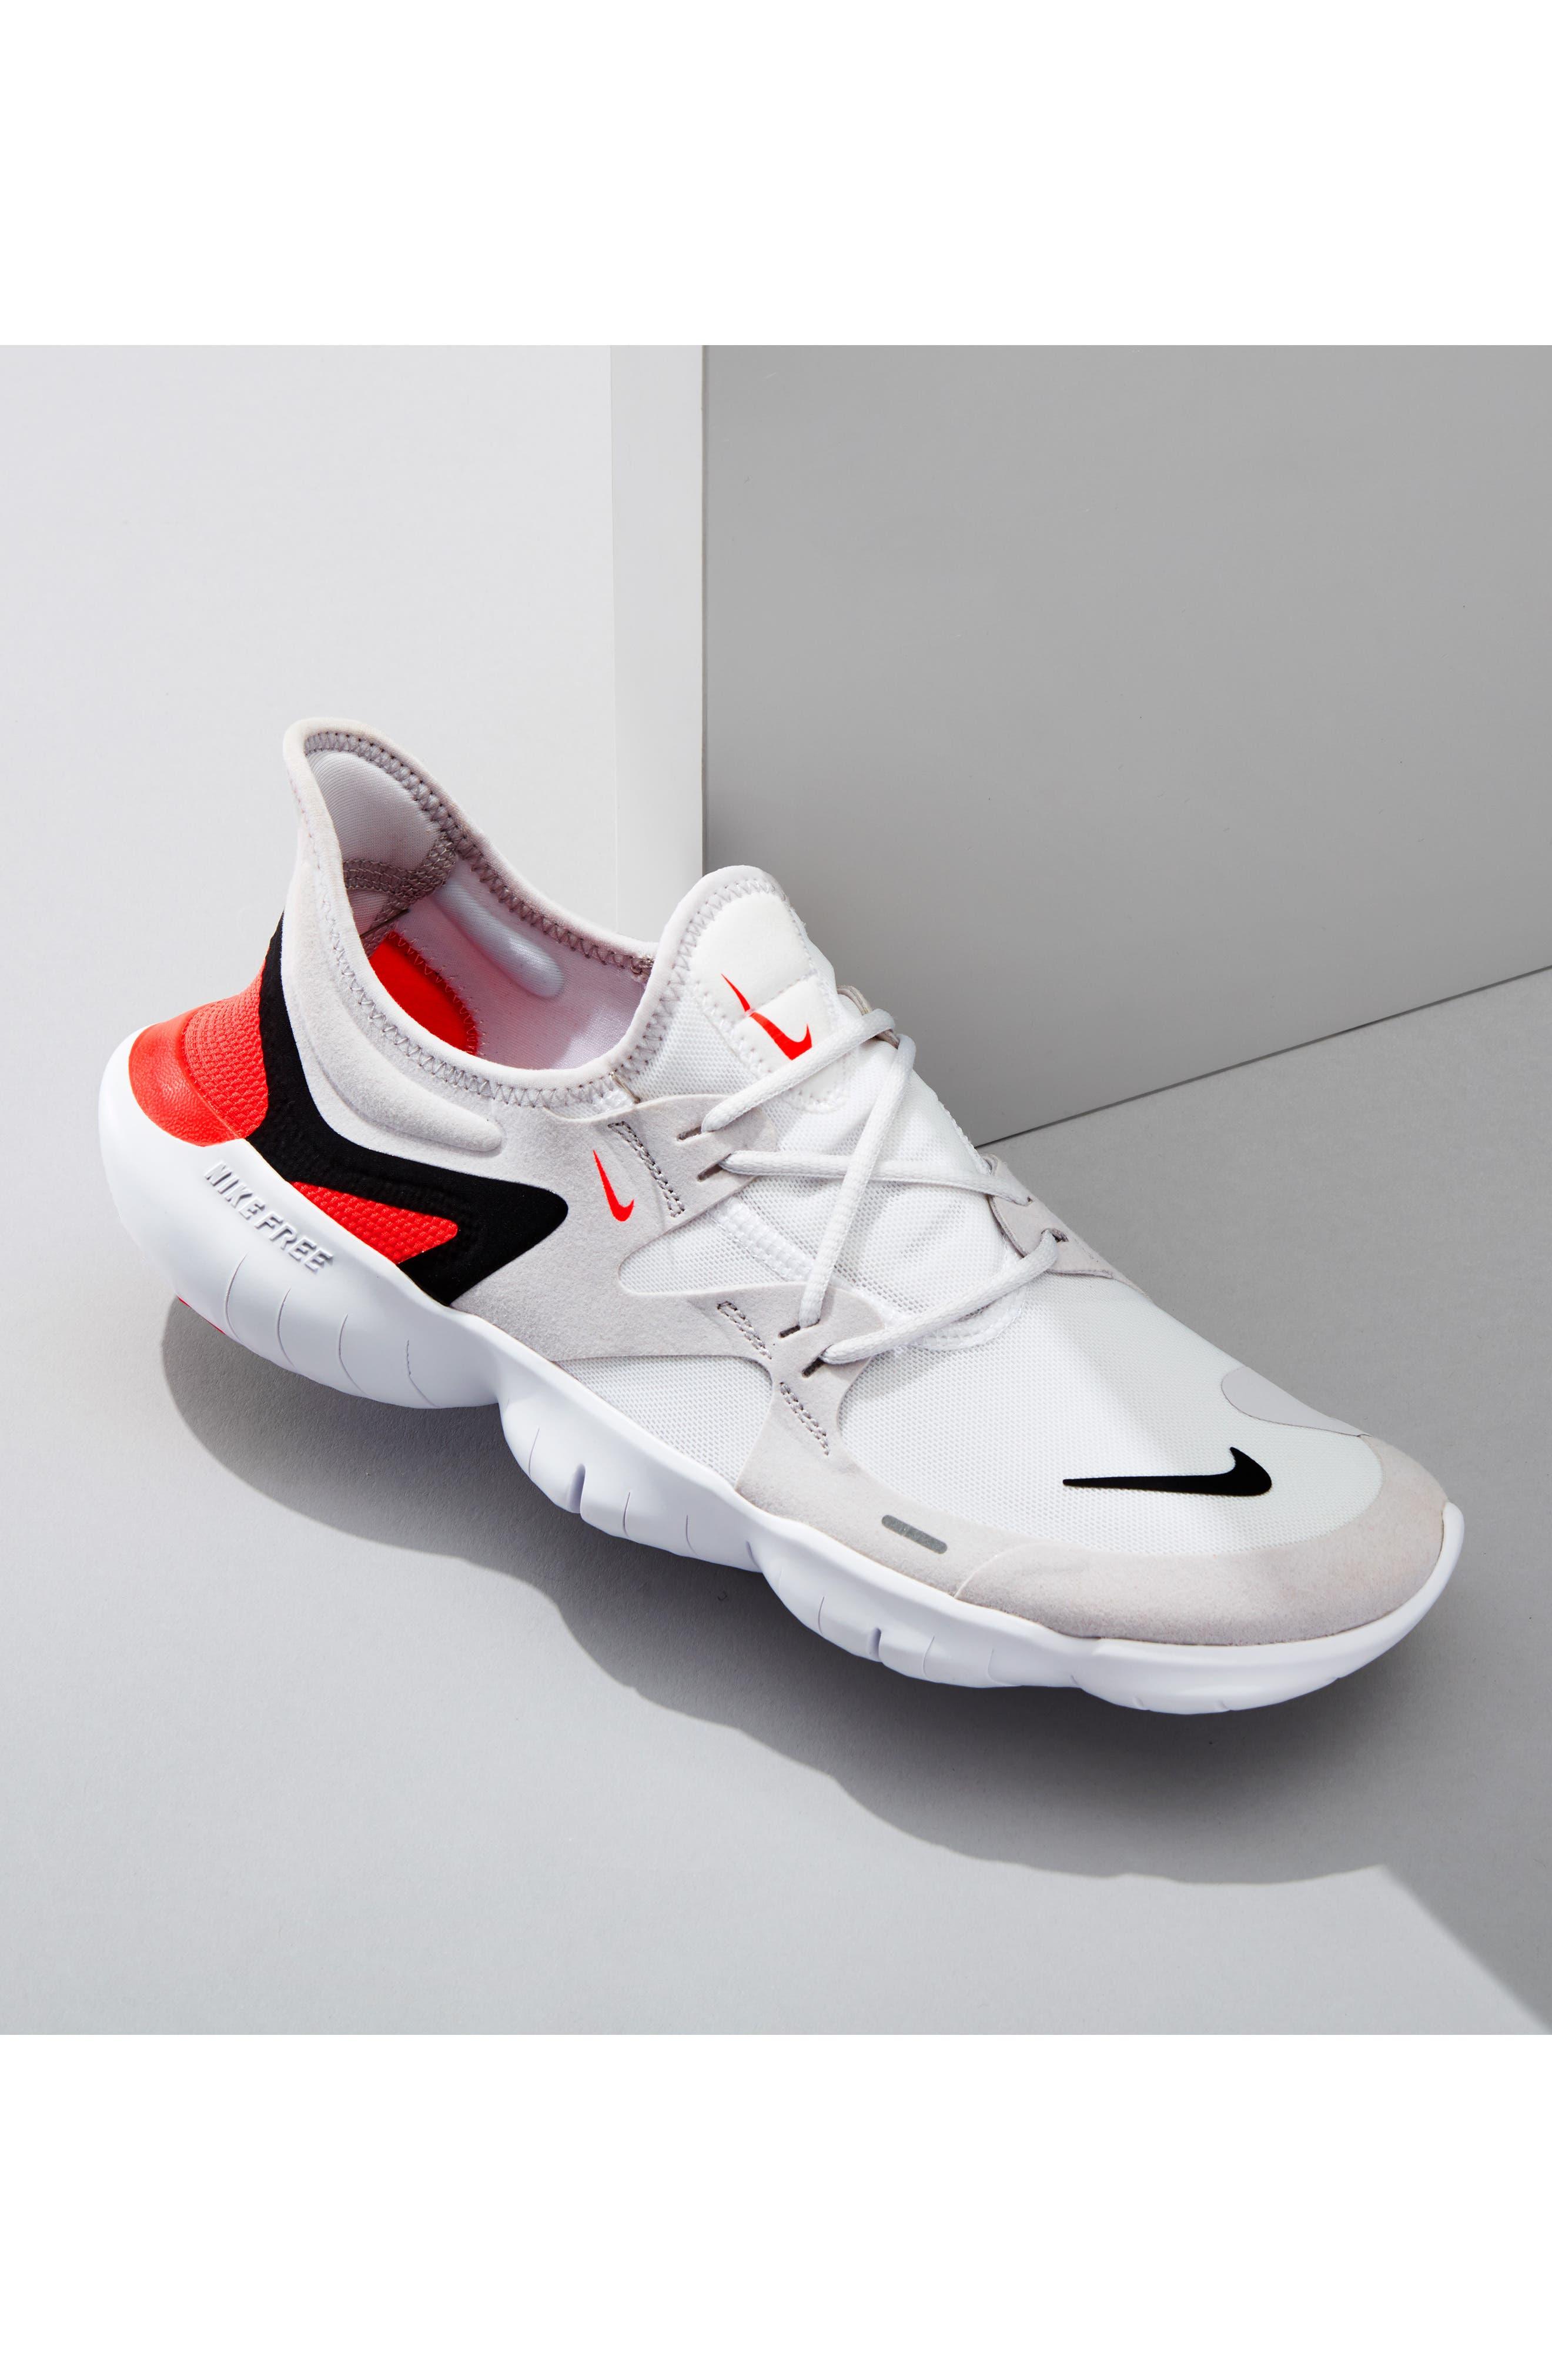 Nike | Free RN 5.0 Running Shoe